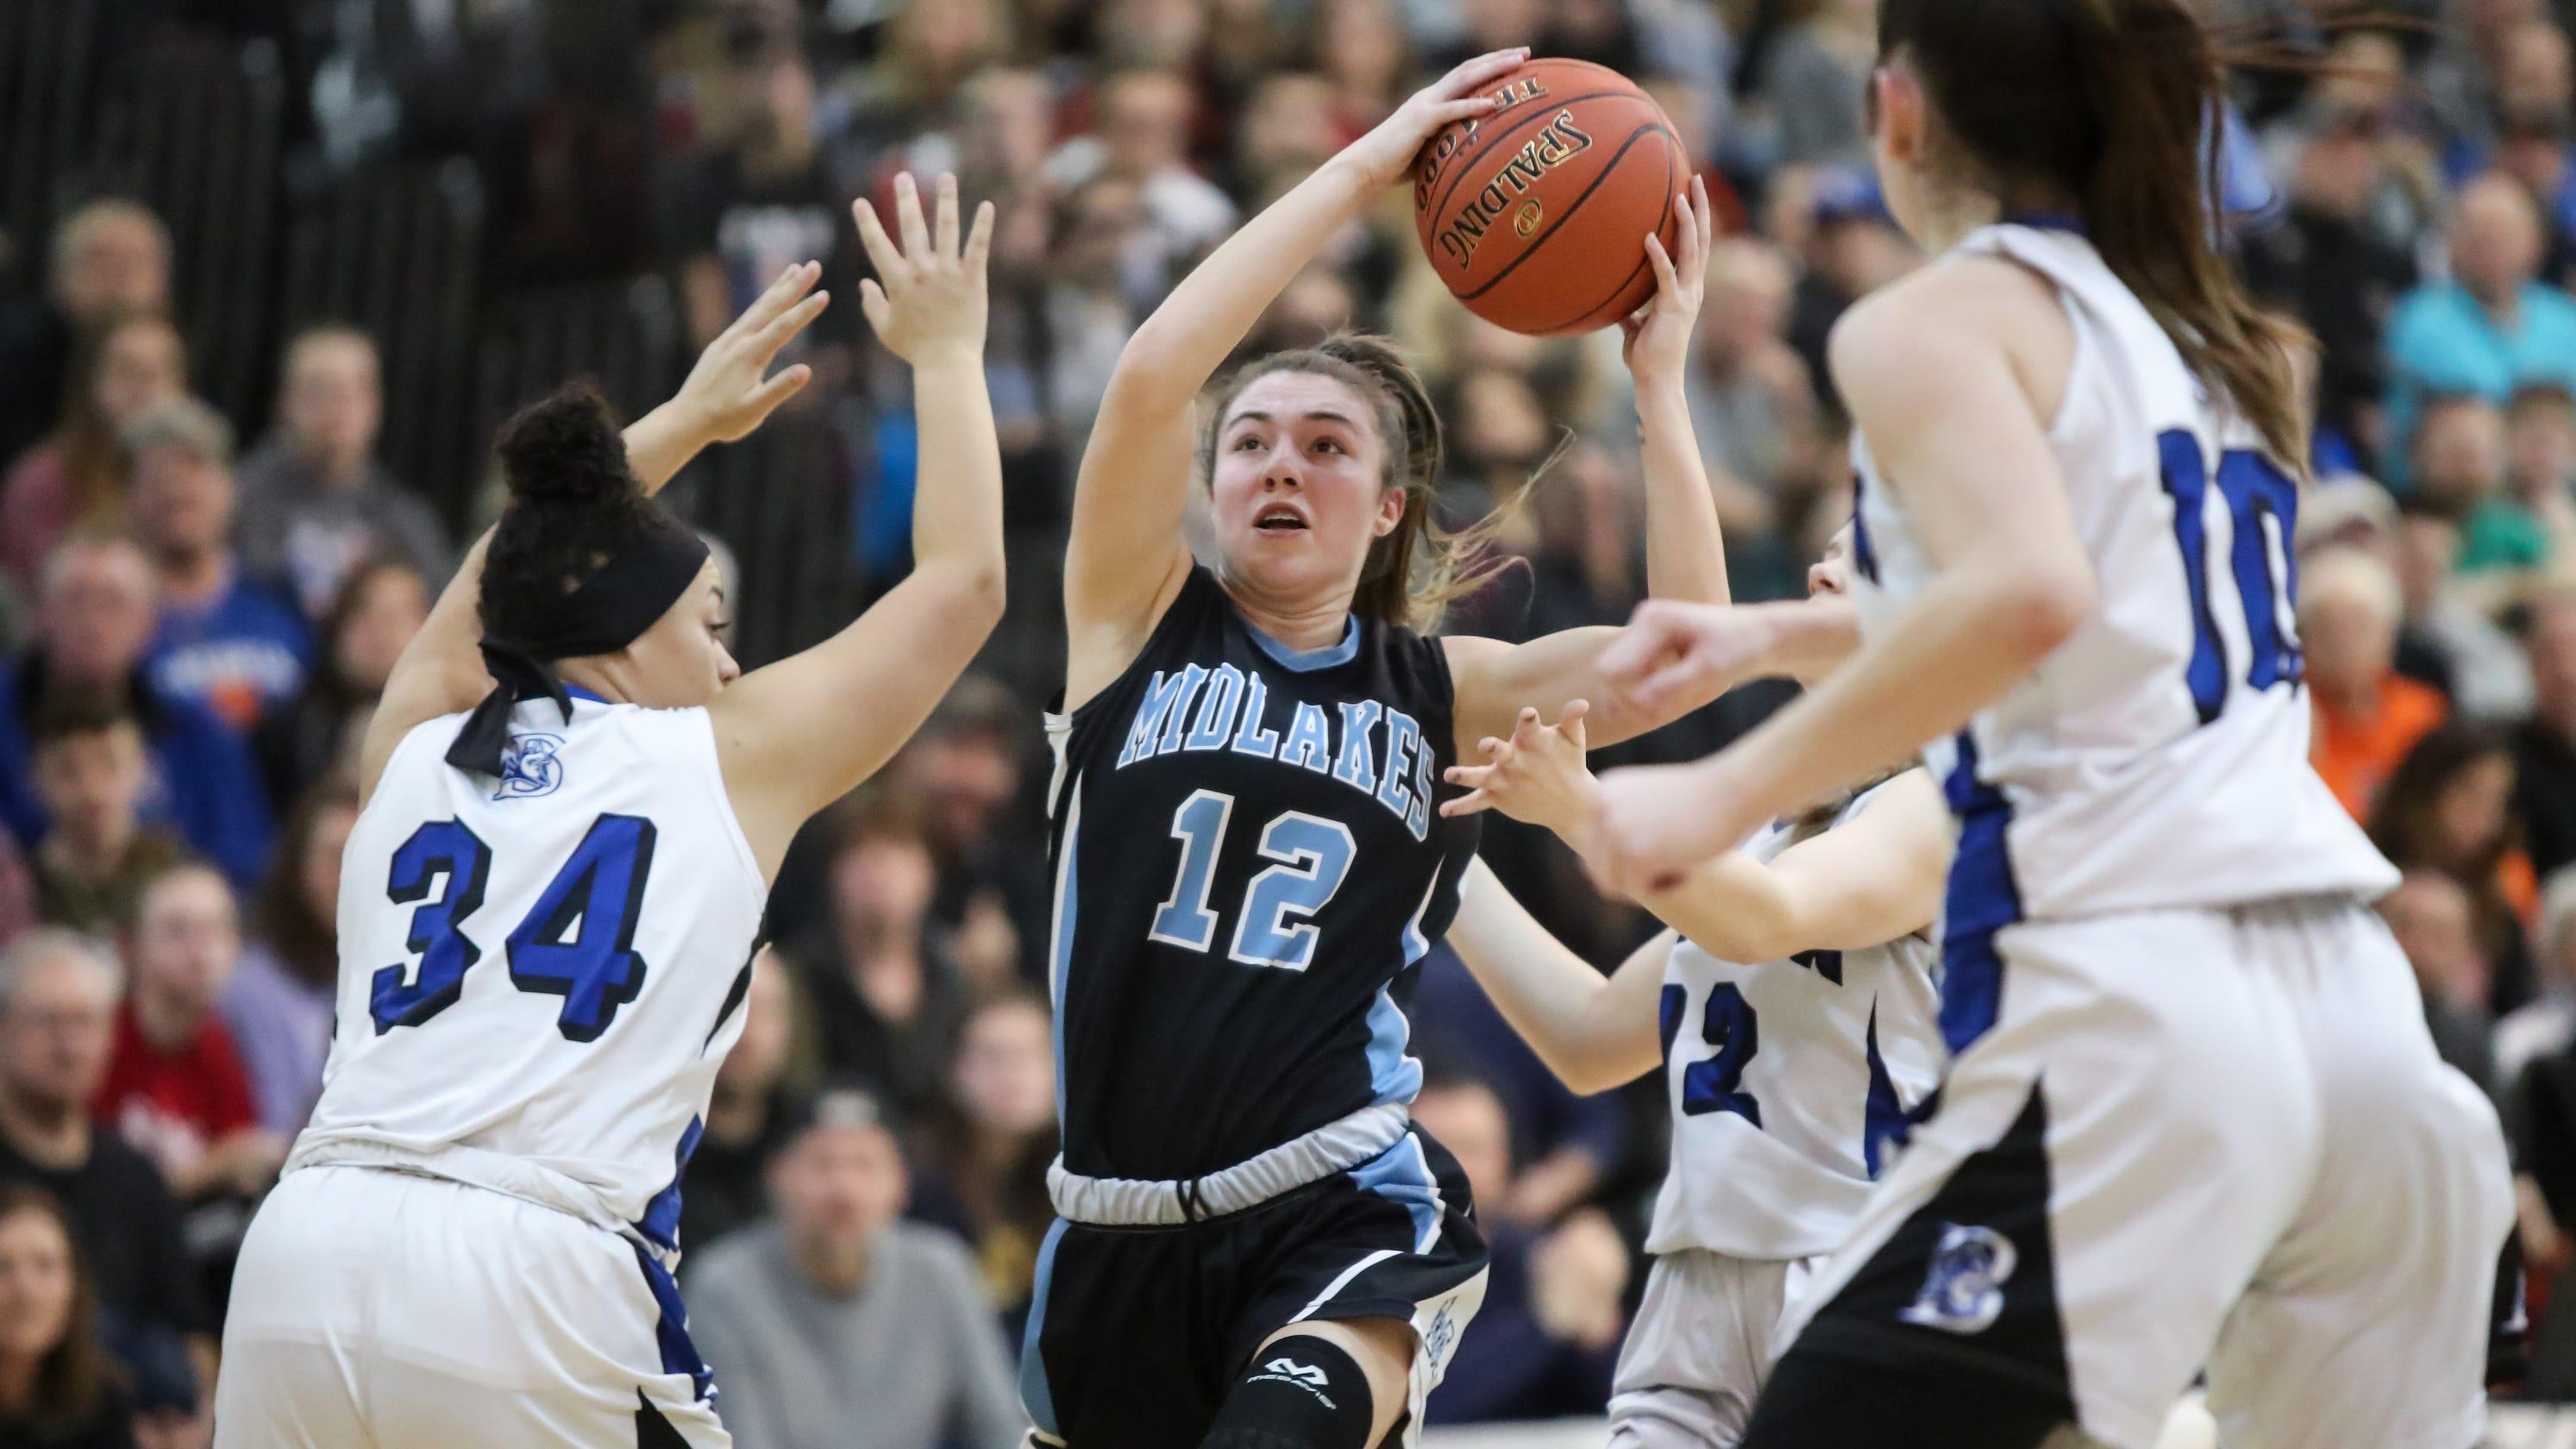 Section V girls basketball: Midlakes tops Batavia for B1 title